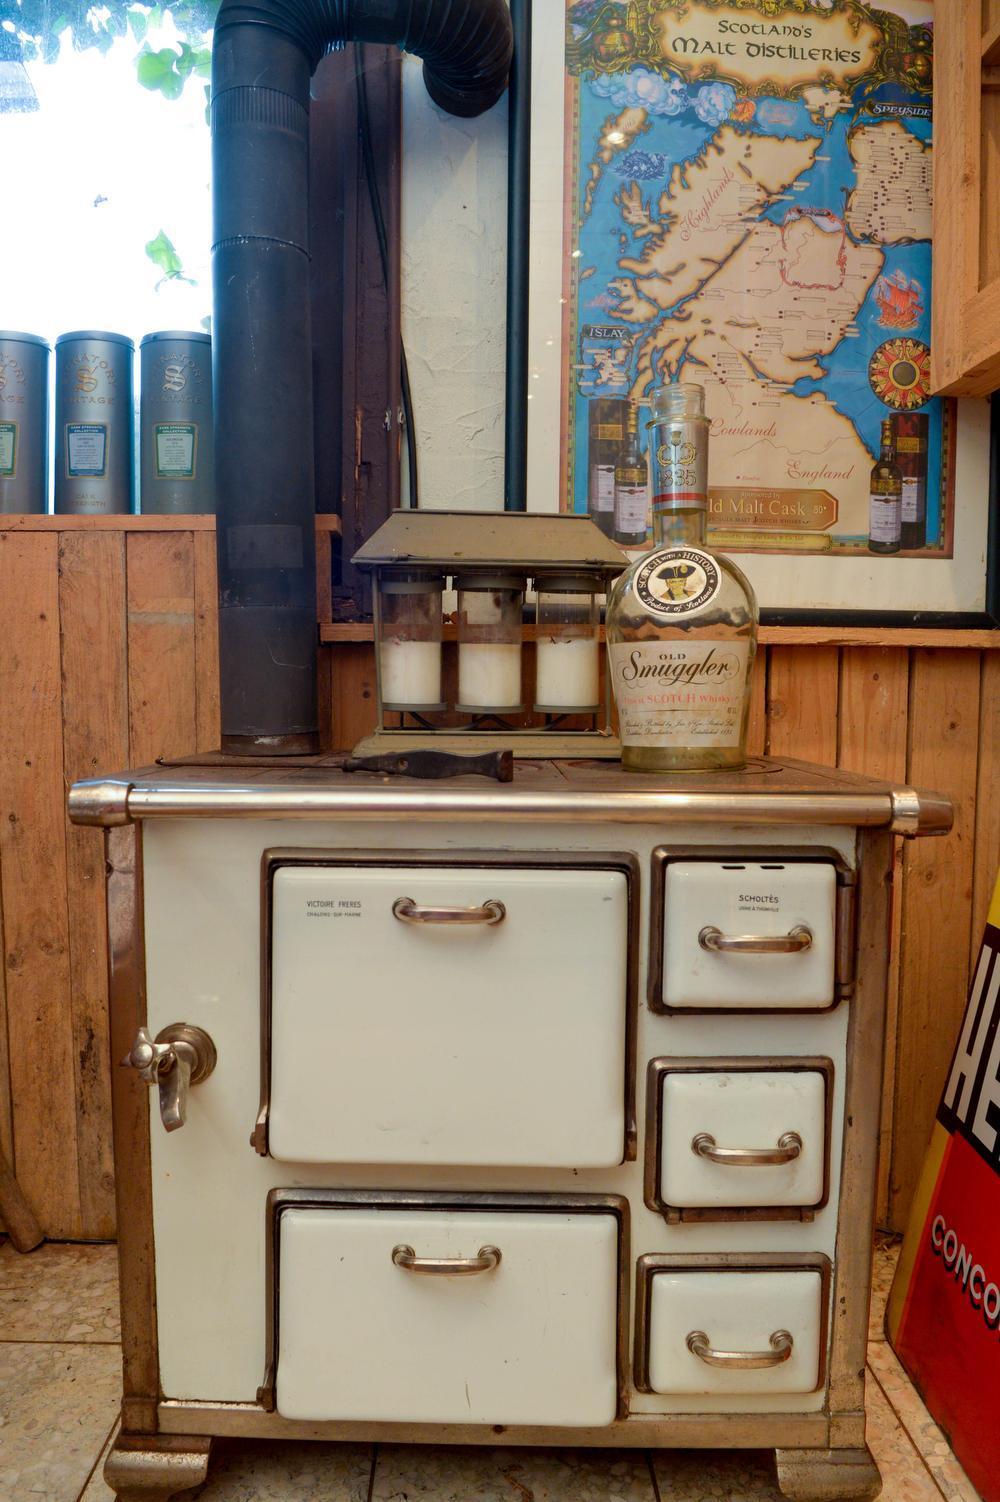 Onder andere dit oud kookfornuis siert het interieur.